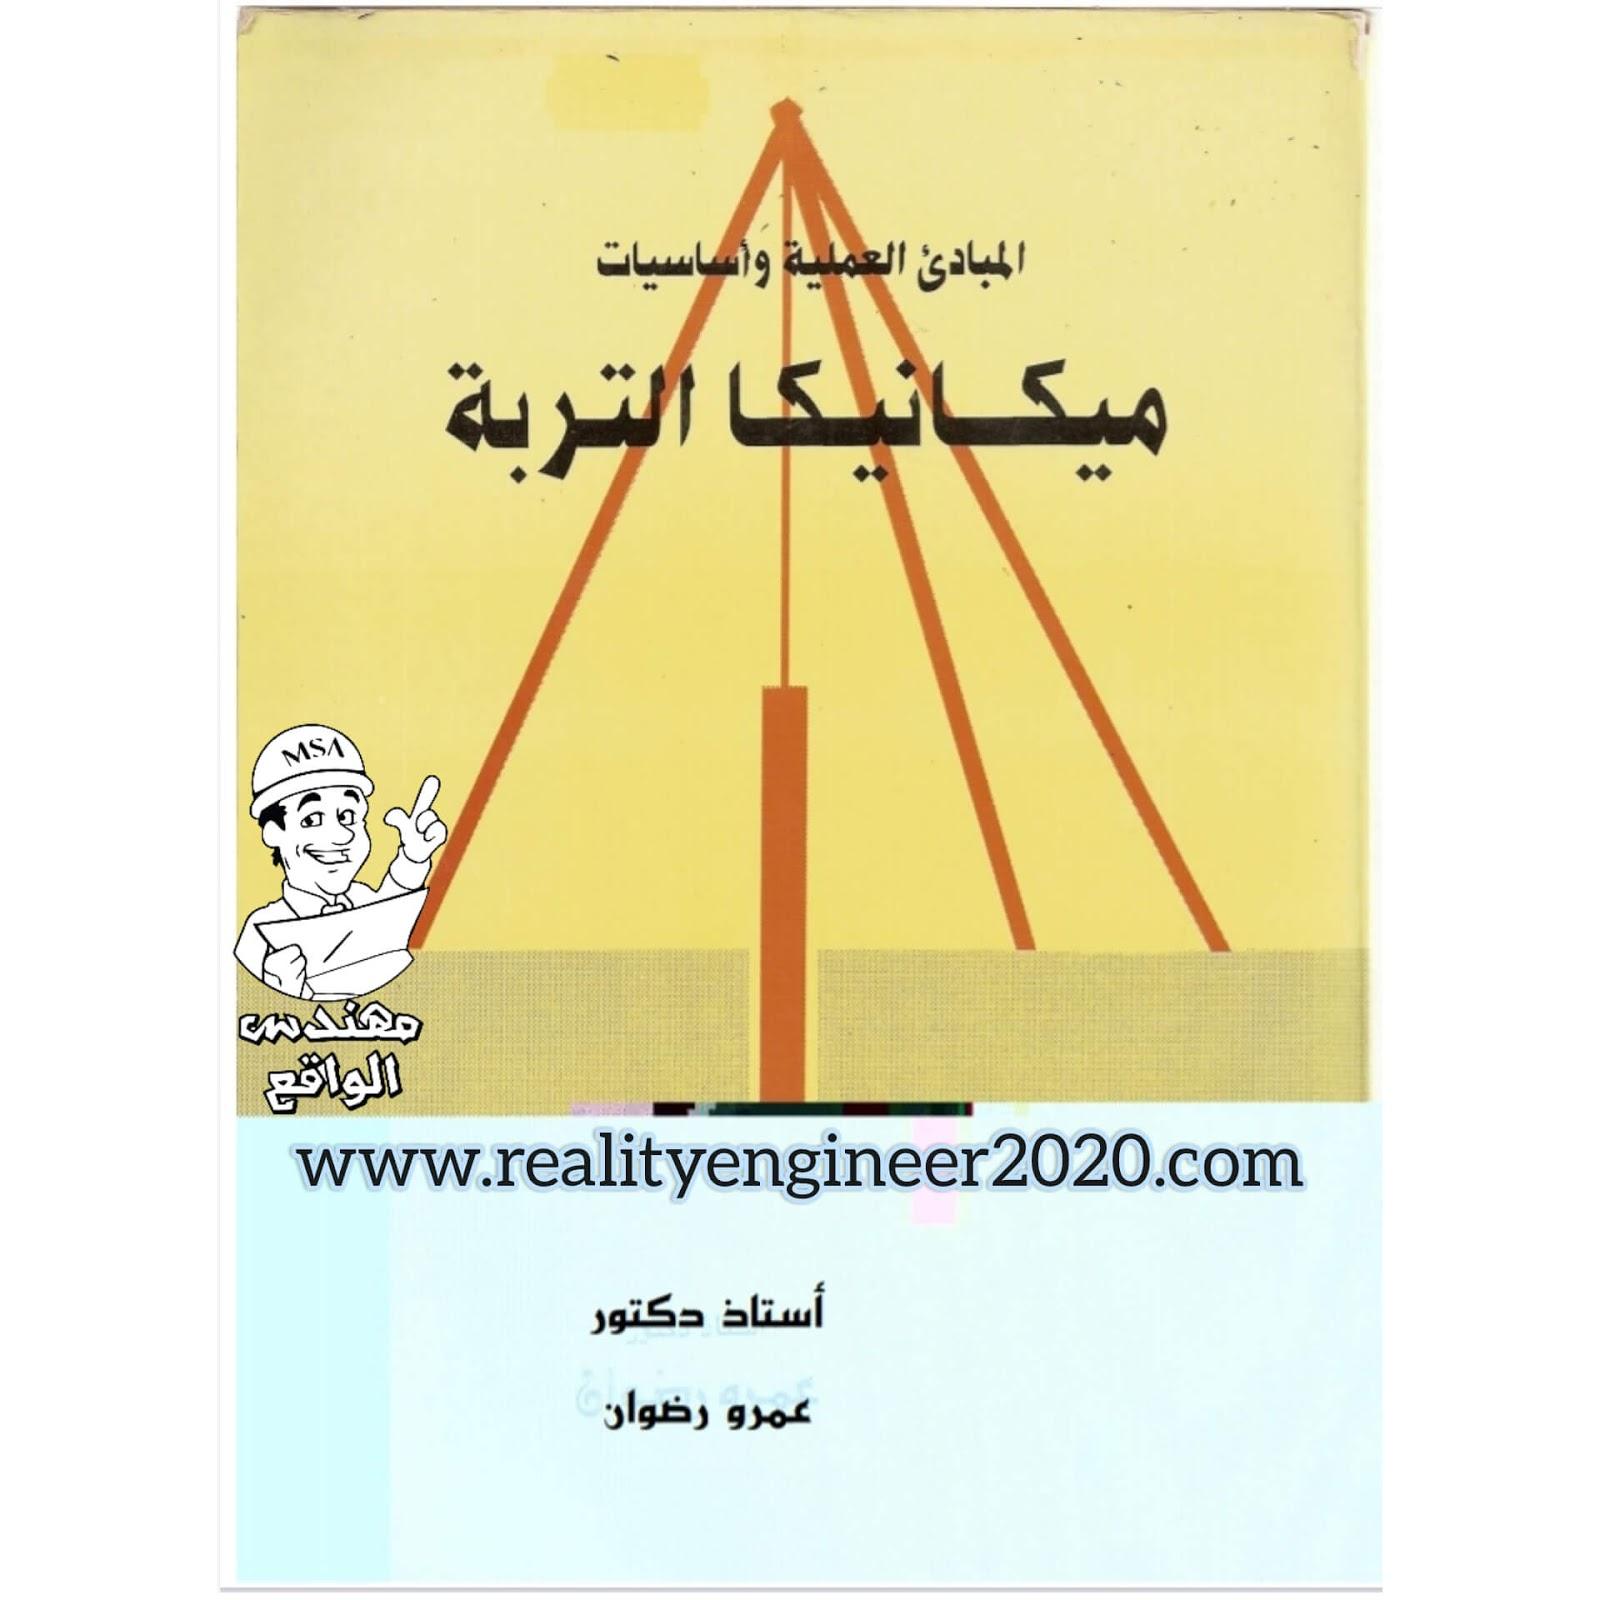 تحميل كتاب دكتور عمرو رضوان pdf